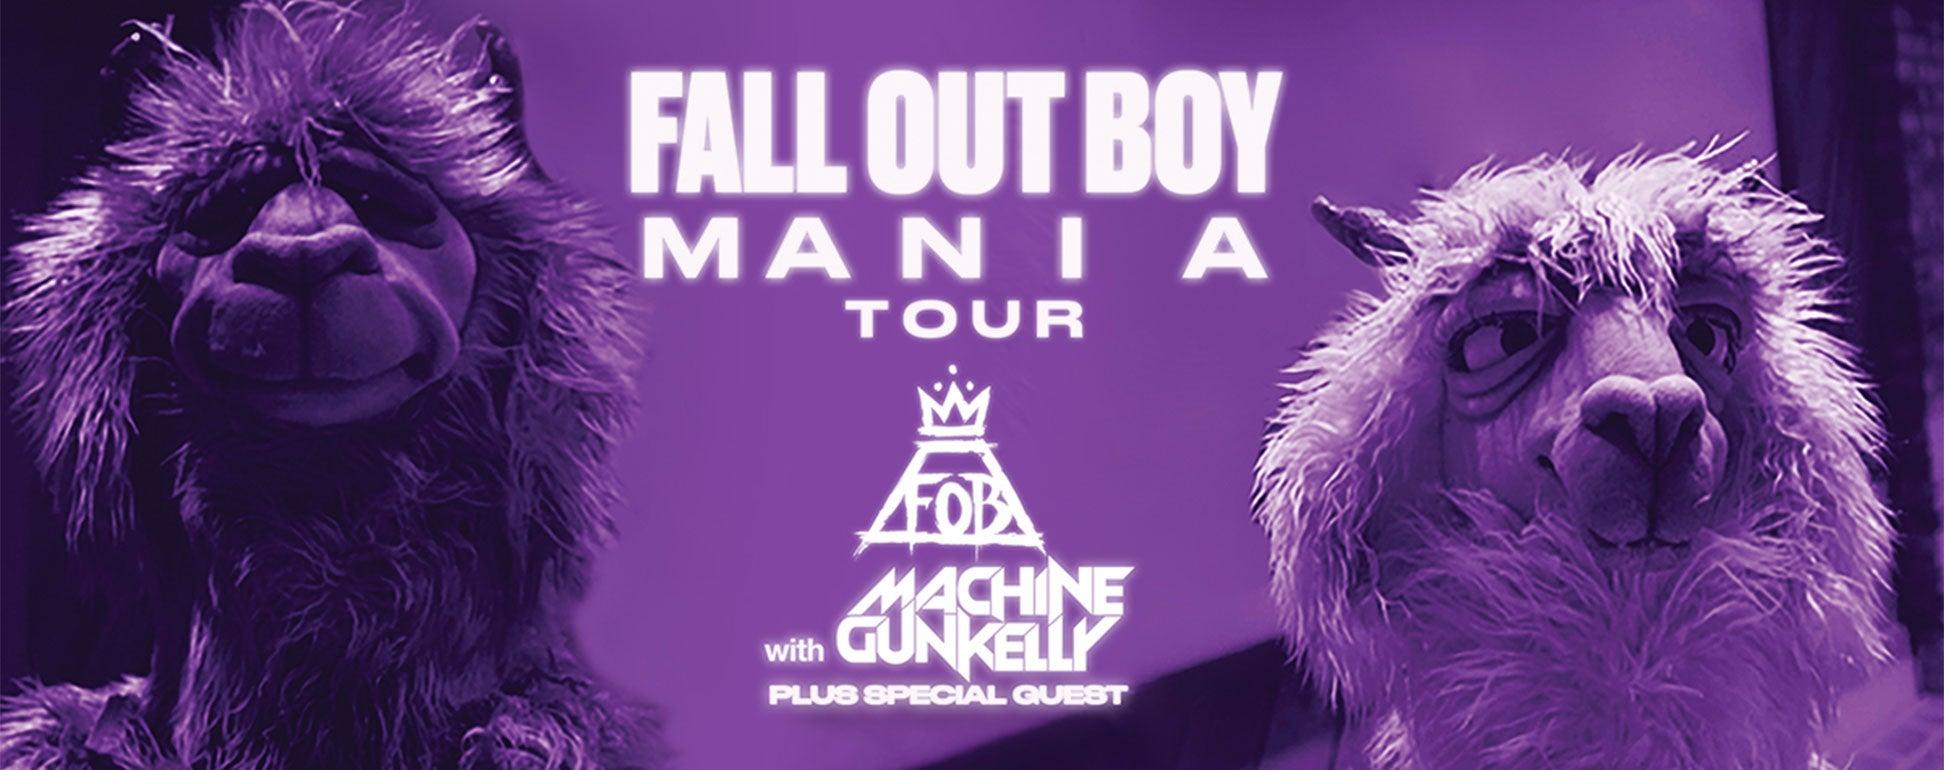 Fall Out Boy Pinnacle Bank Arena